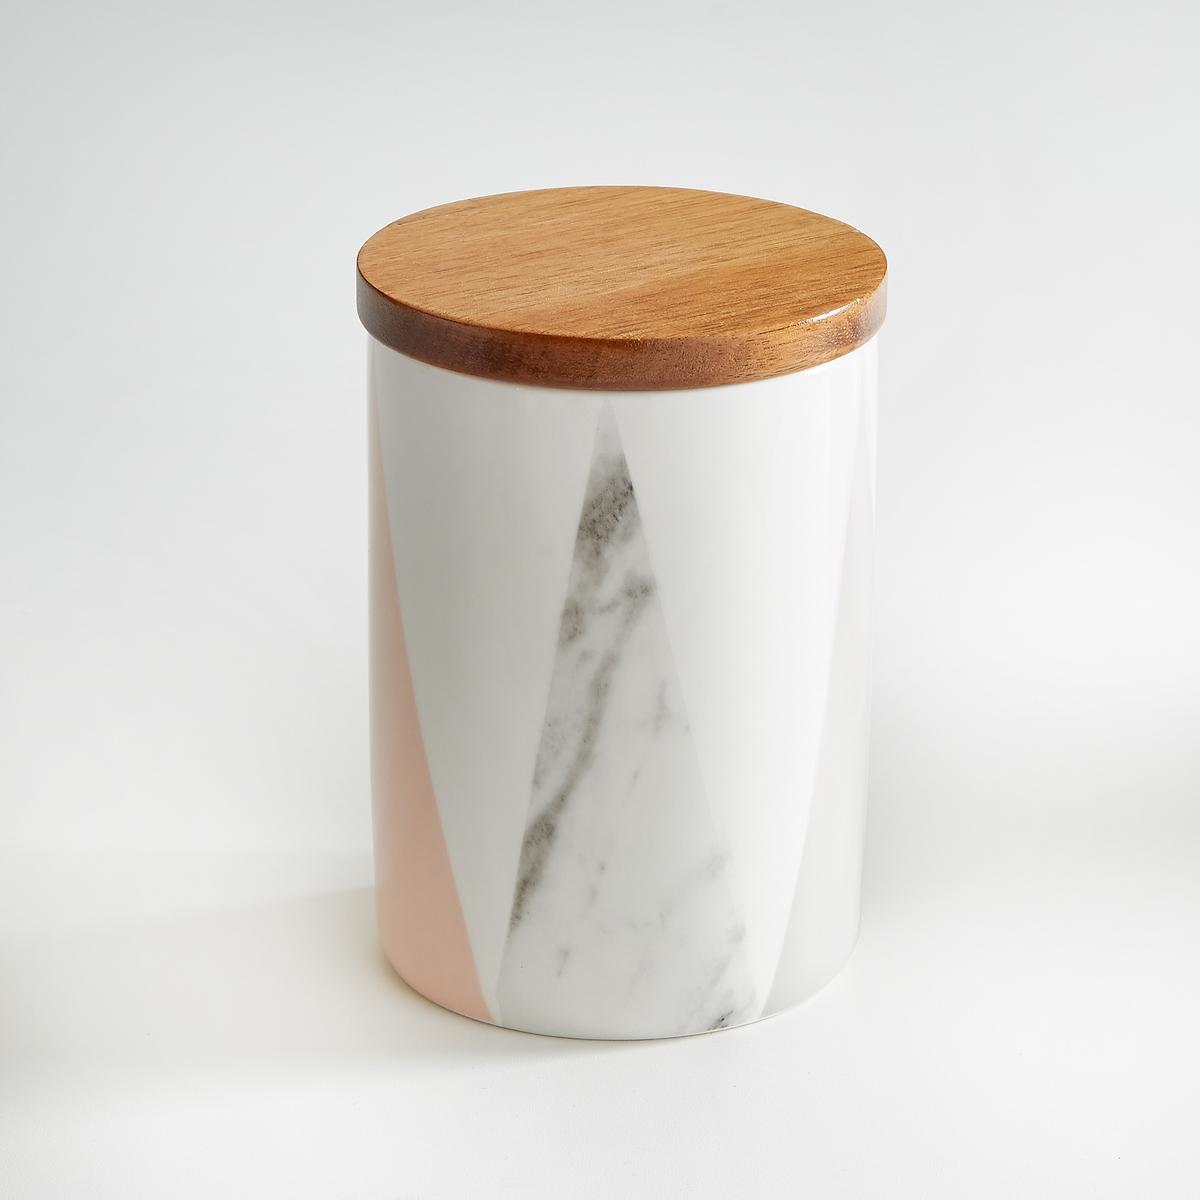 Кувшин из керамики и бамбукаКувшин из керамики с пастельным геометрическим рисунком La redoute Int?rieurs.  Из керамики с рисунком в виде конусов, крышка из бамбука.Характеристики кувшина:- Цилиндрический кувшин из керамики, крышка из бамбука с силиконом.- Диаметр: 11 см - Высота: 14 см. - Вместимость: 760 мл    - Использование в посудомоечной машине и микроволновой печи запрещено<br><br>Цвет: рисунок